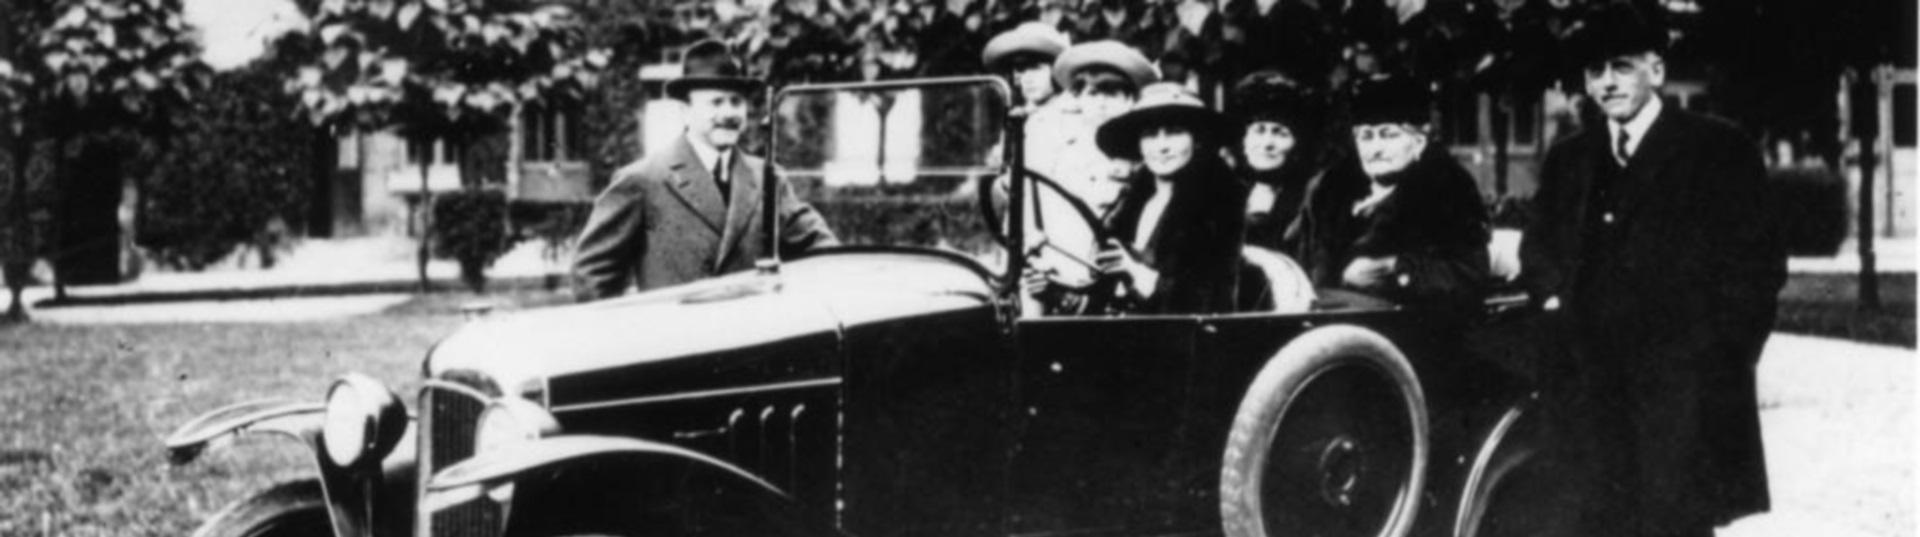 citroen 1920